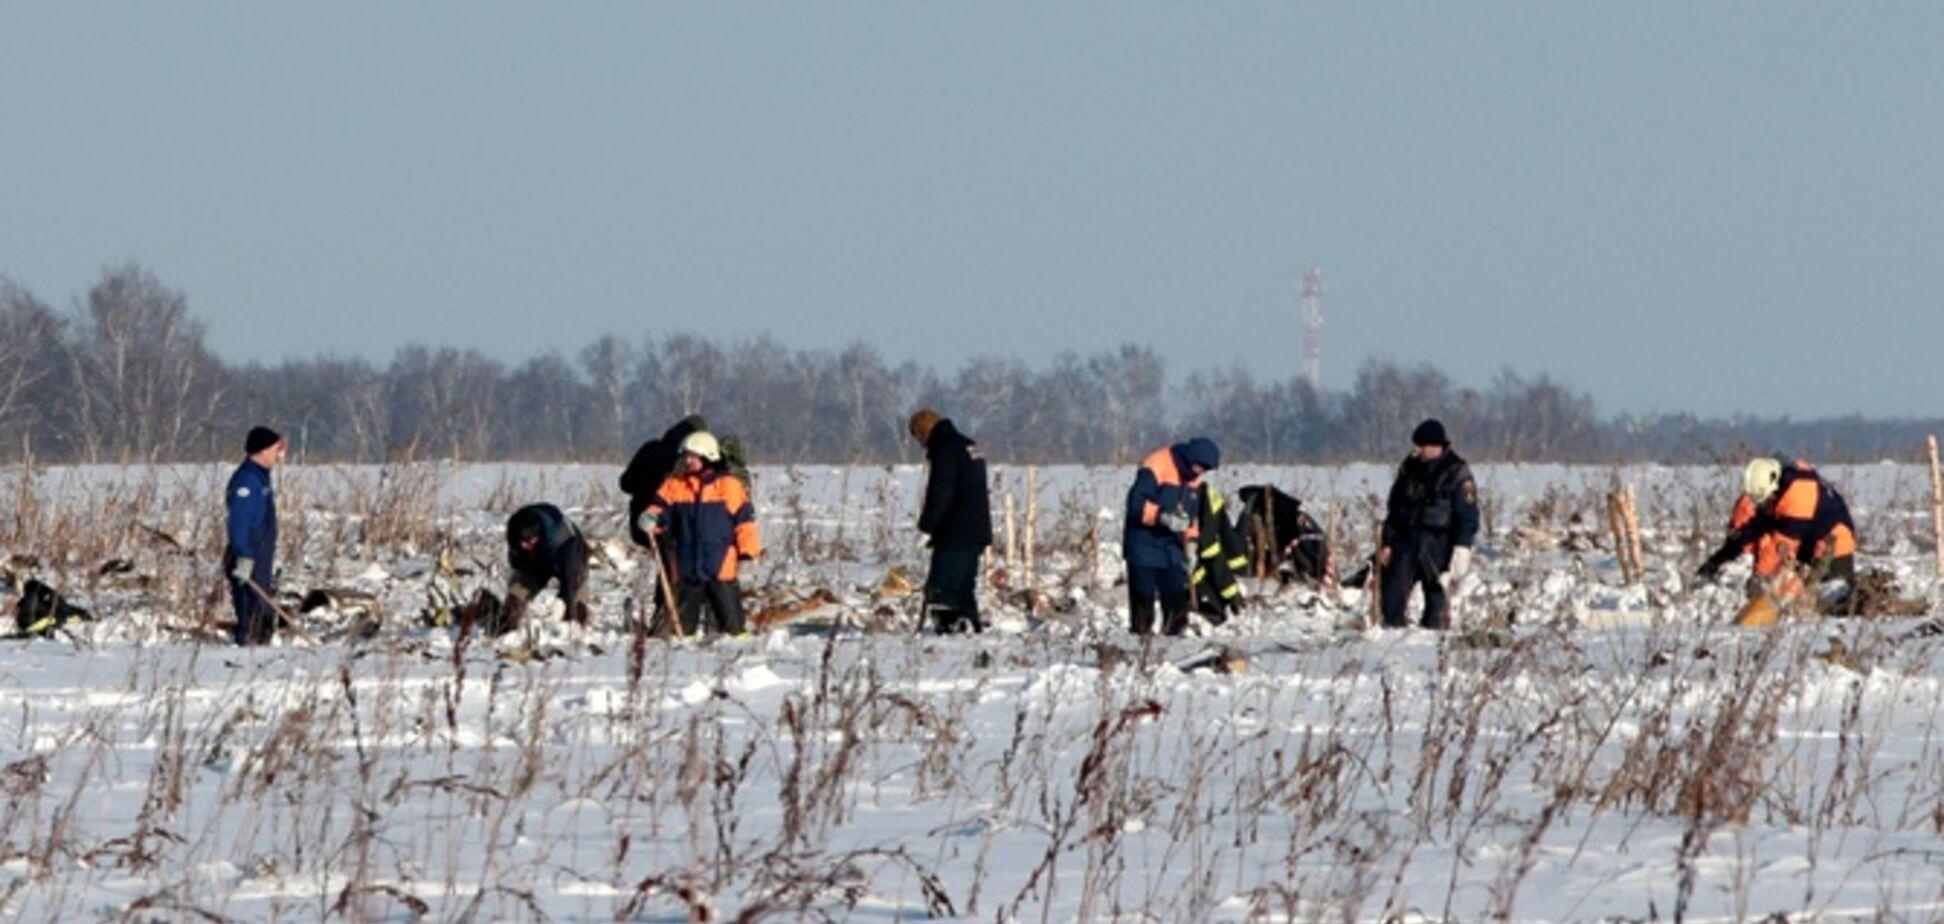 Авиакатастрофа Ан-148 в России: опознаны первые жертвы